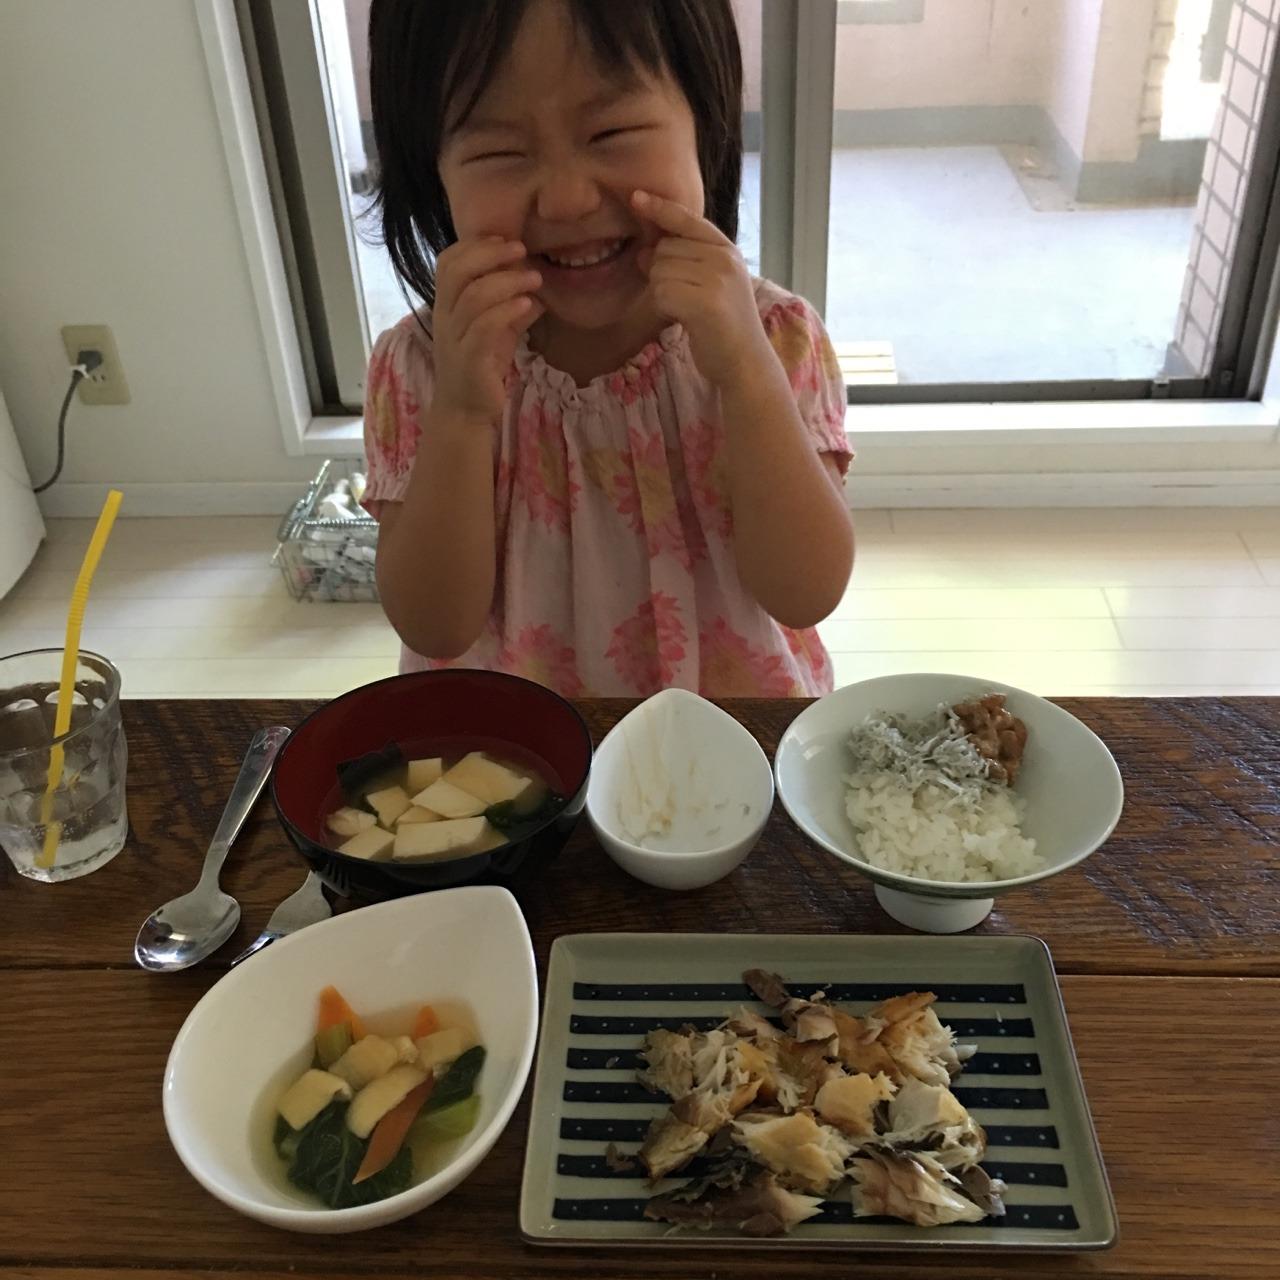 和食朝ごはんとベーグル晩ごはん